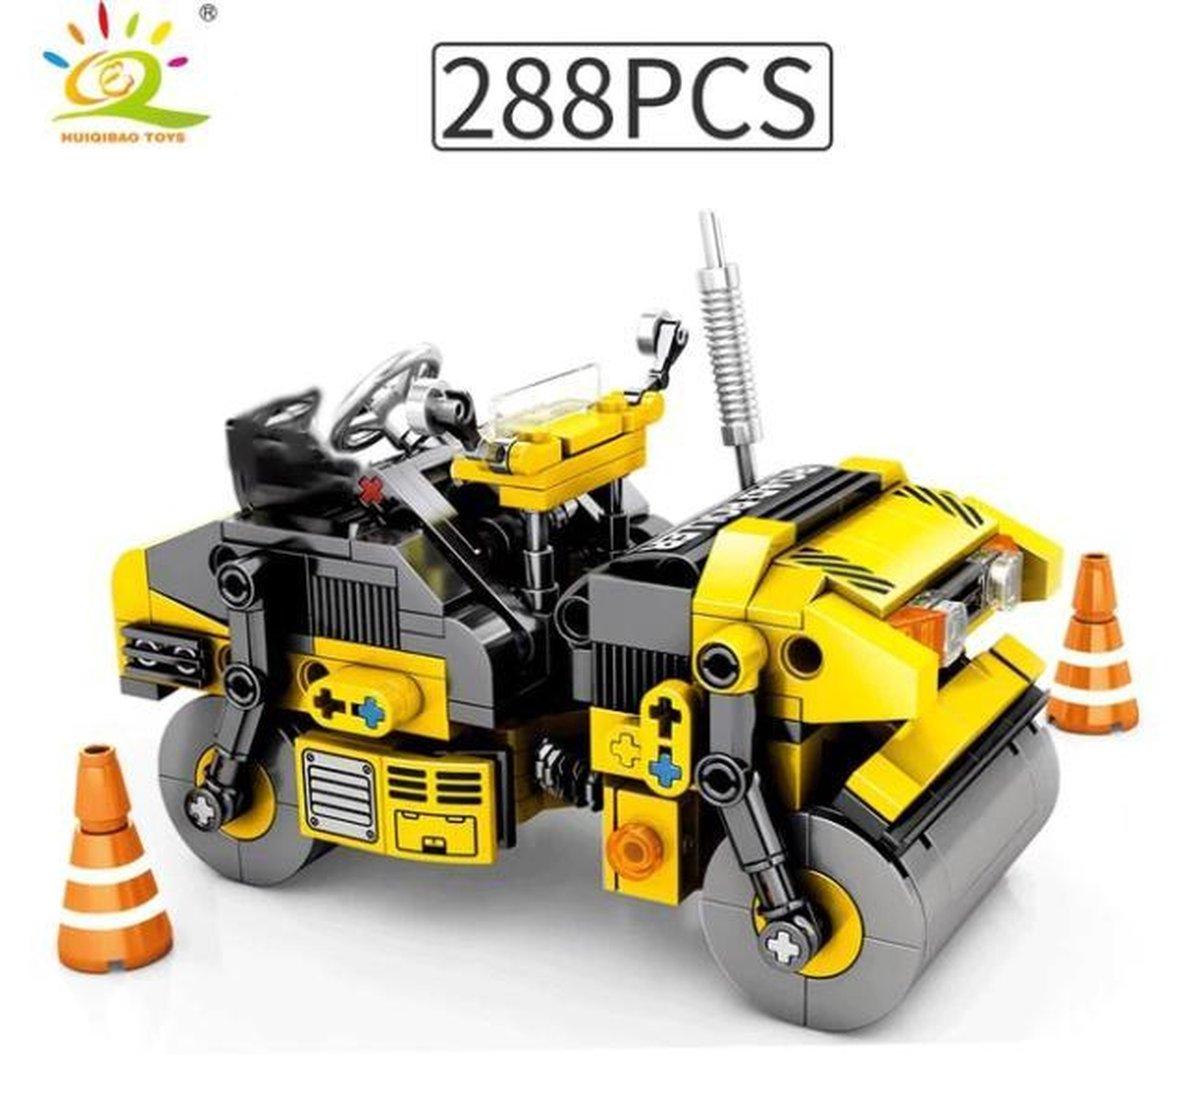 Technisch Lego - Technic - geschikt voor LEGO - Bouwplaats - Wals